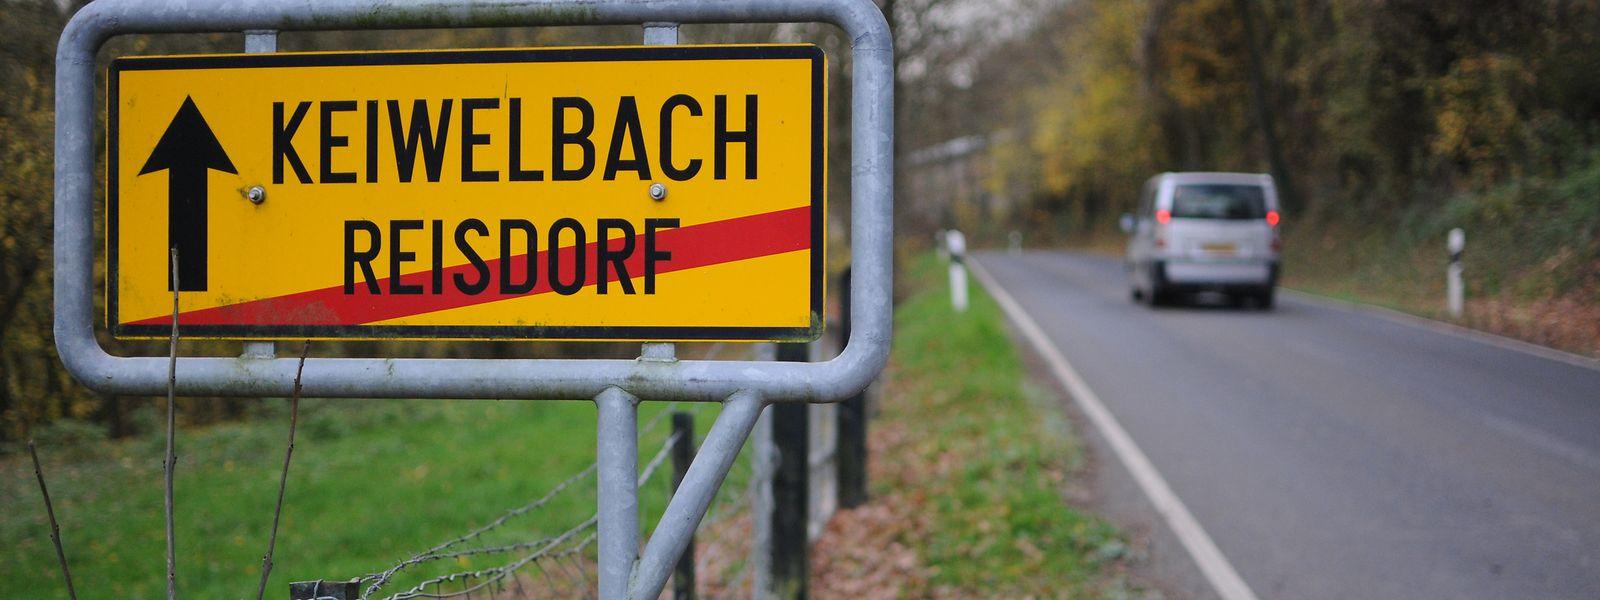 Der leblose Körper des Jungen war am 10. November 2015 zwischen Keiwelbach und Reisdorf in der Weißen Ernz gefunden worden.